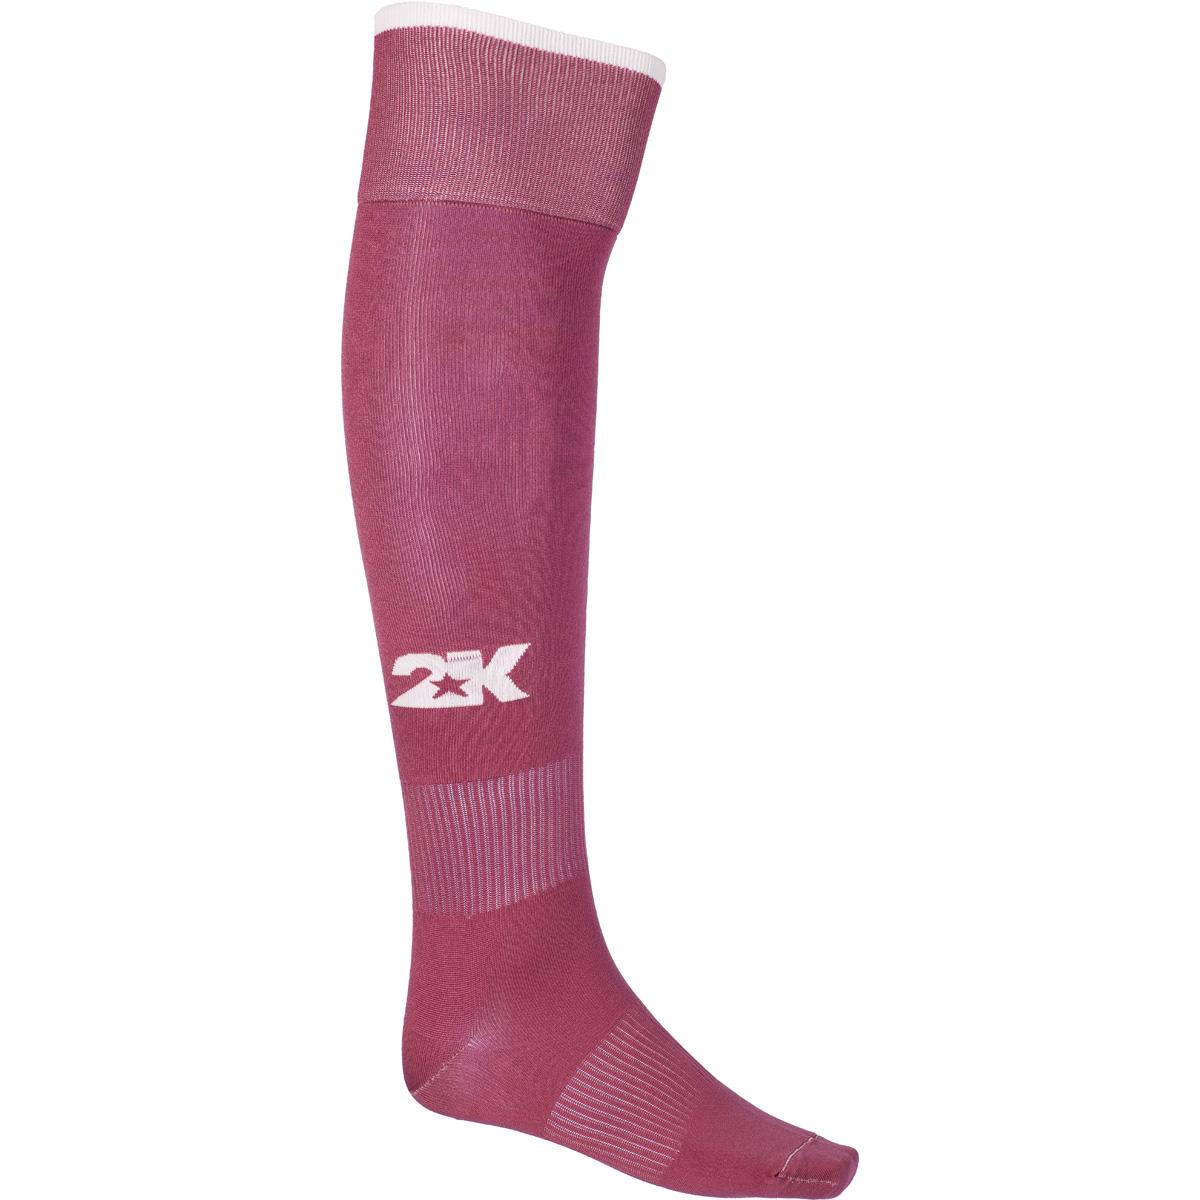 Гетры футбольные 2K Sport Classic, цвет: вишневый, белый. 120334. Размер 36/40120334_cherry-red/whiteКлассические футбольные гетры выполнены из высококачественного материала. Оформлены логотипом бренда.